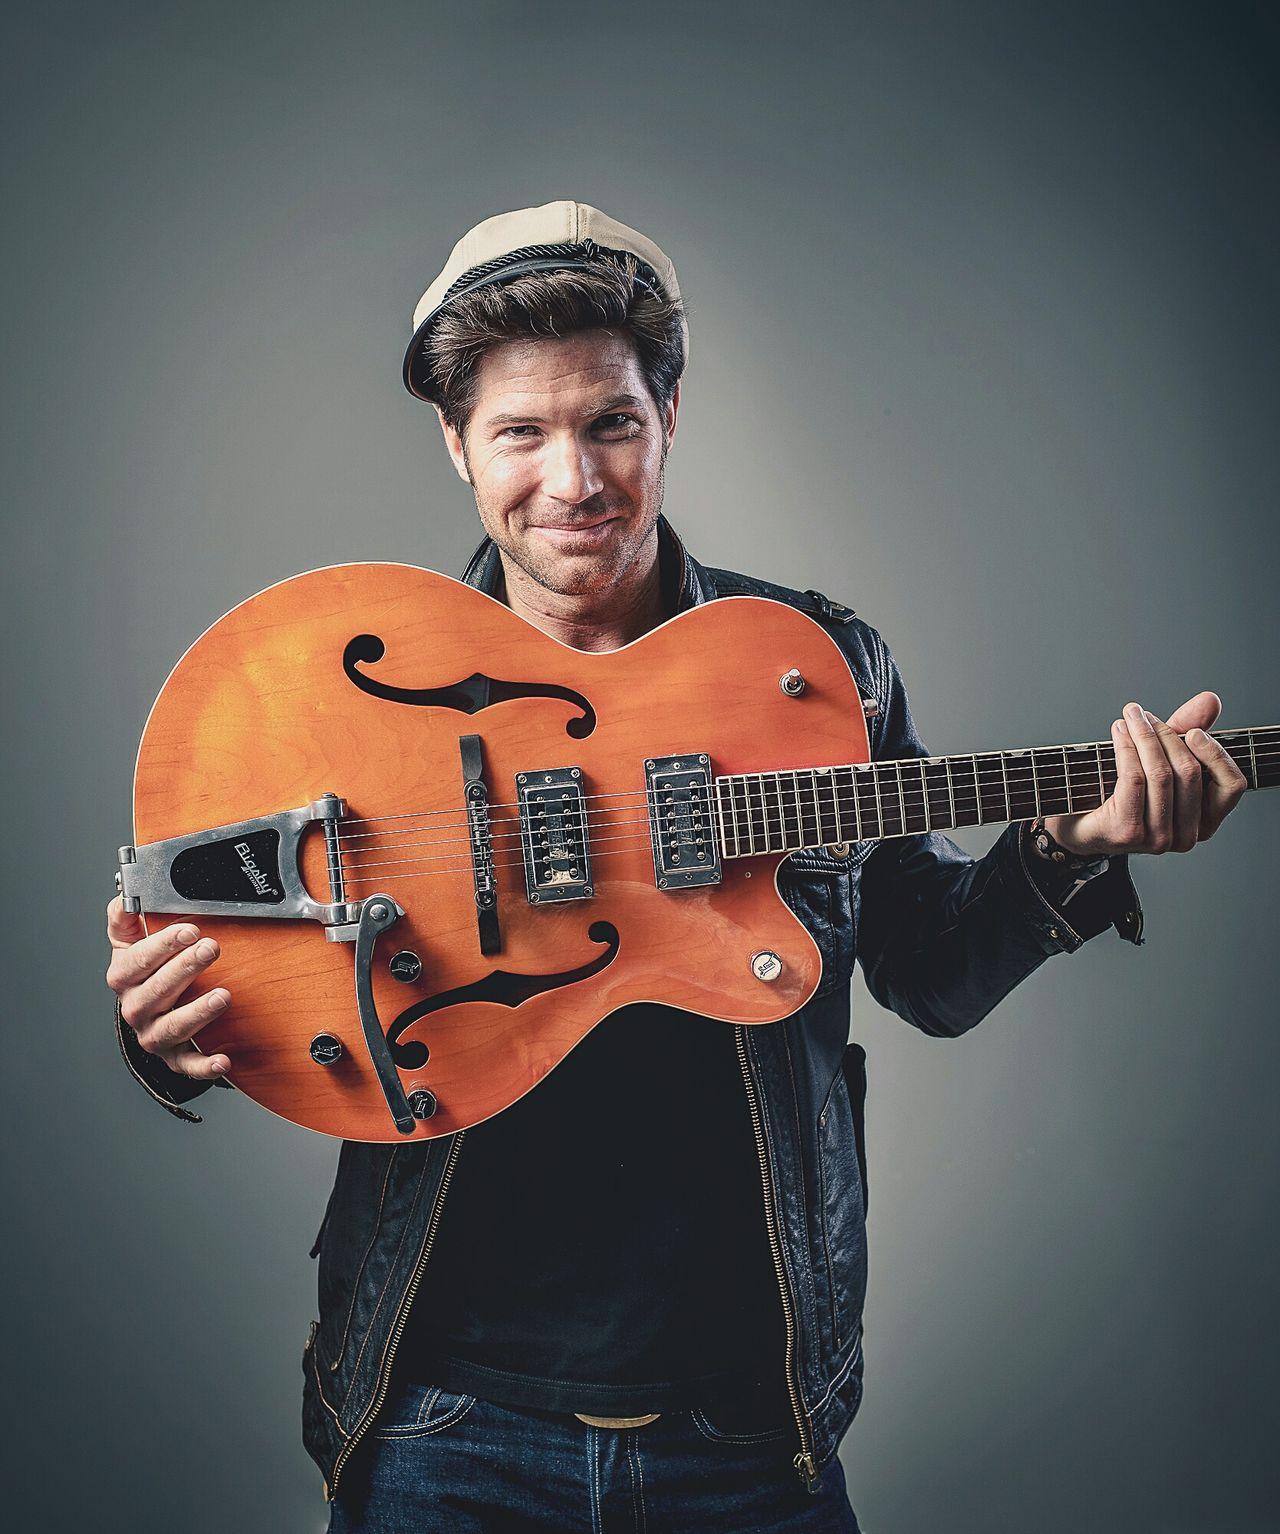 Portrait Guitar Portrait Of A Man  Hat Orange Color Fashion Leather Jacket Studio Shot